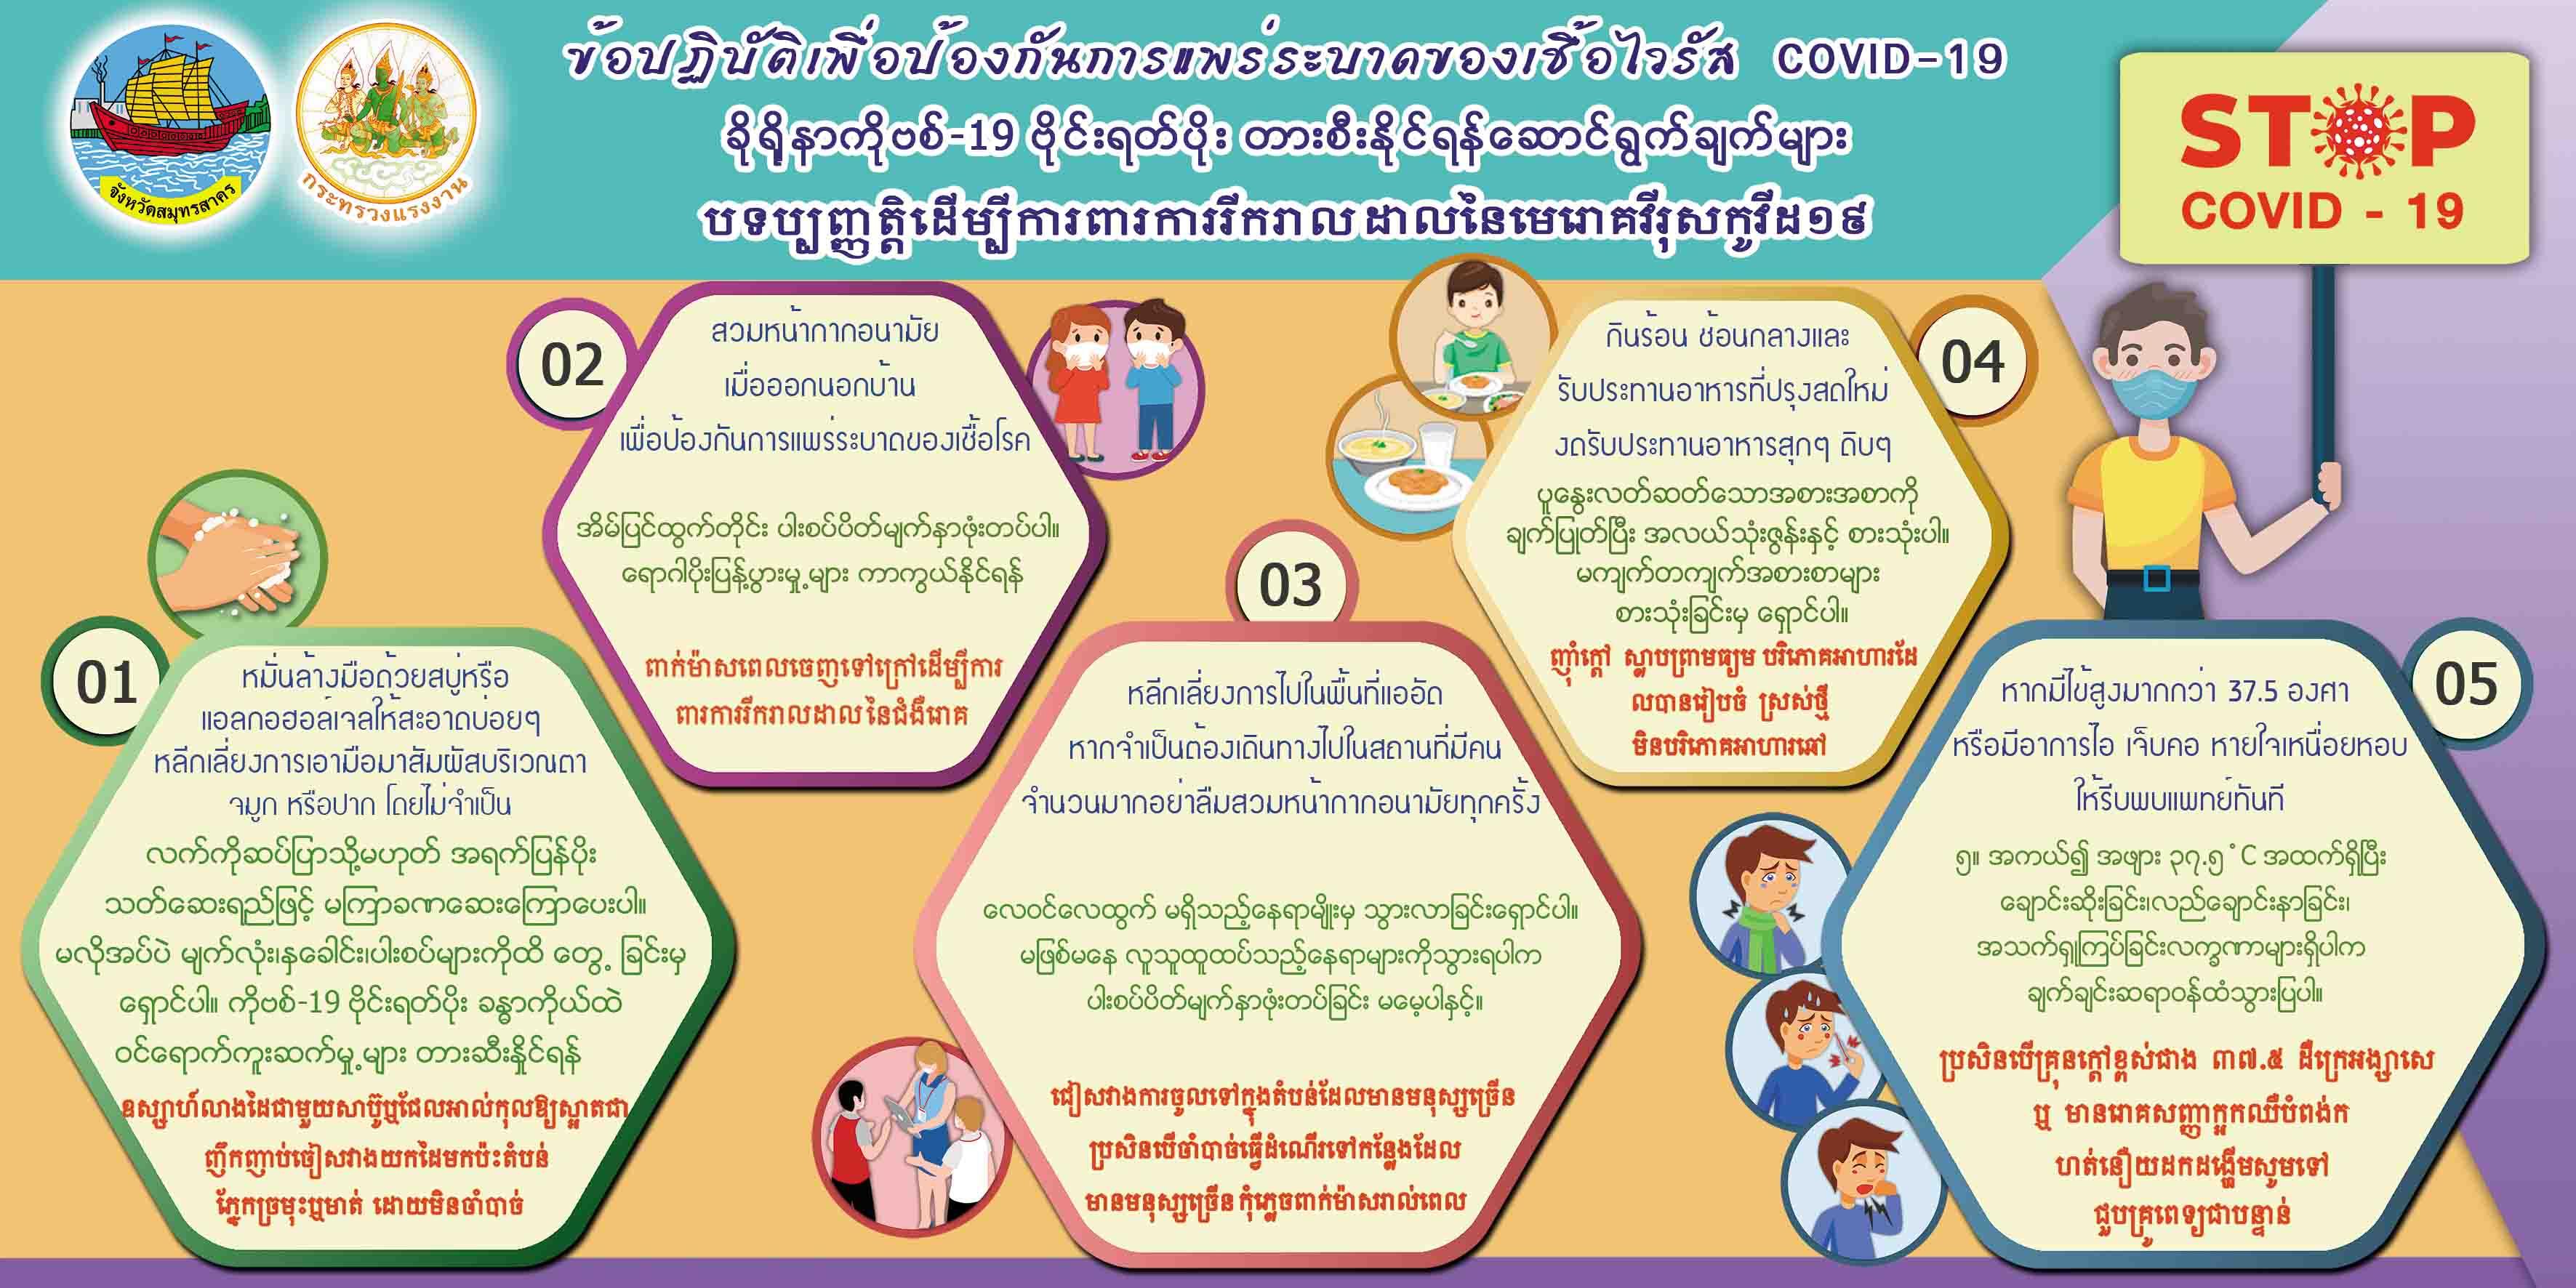 ข้อปฏิบัติเพื่อป้องกันการแพร่ระบาดของเชื้อไวรัส COVID-19